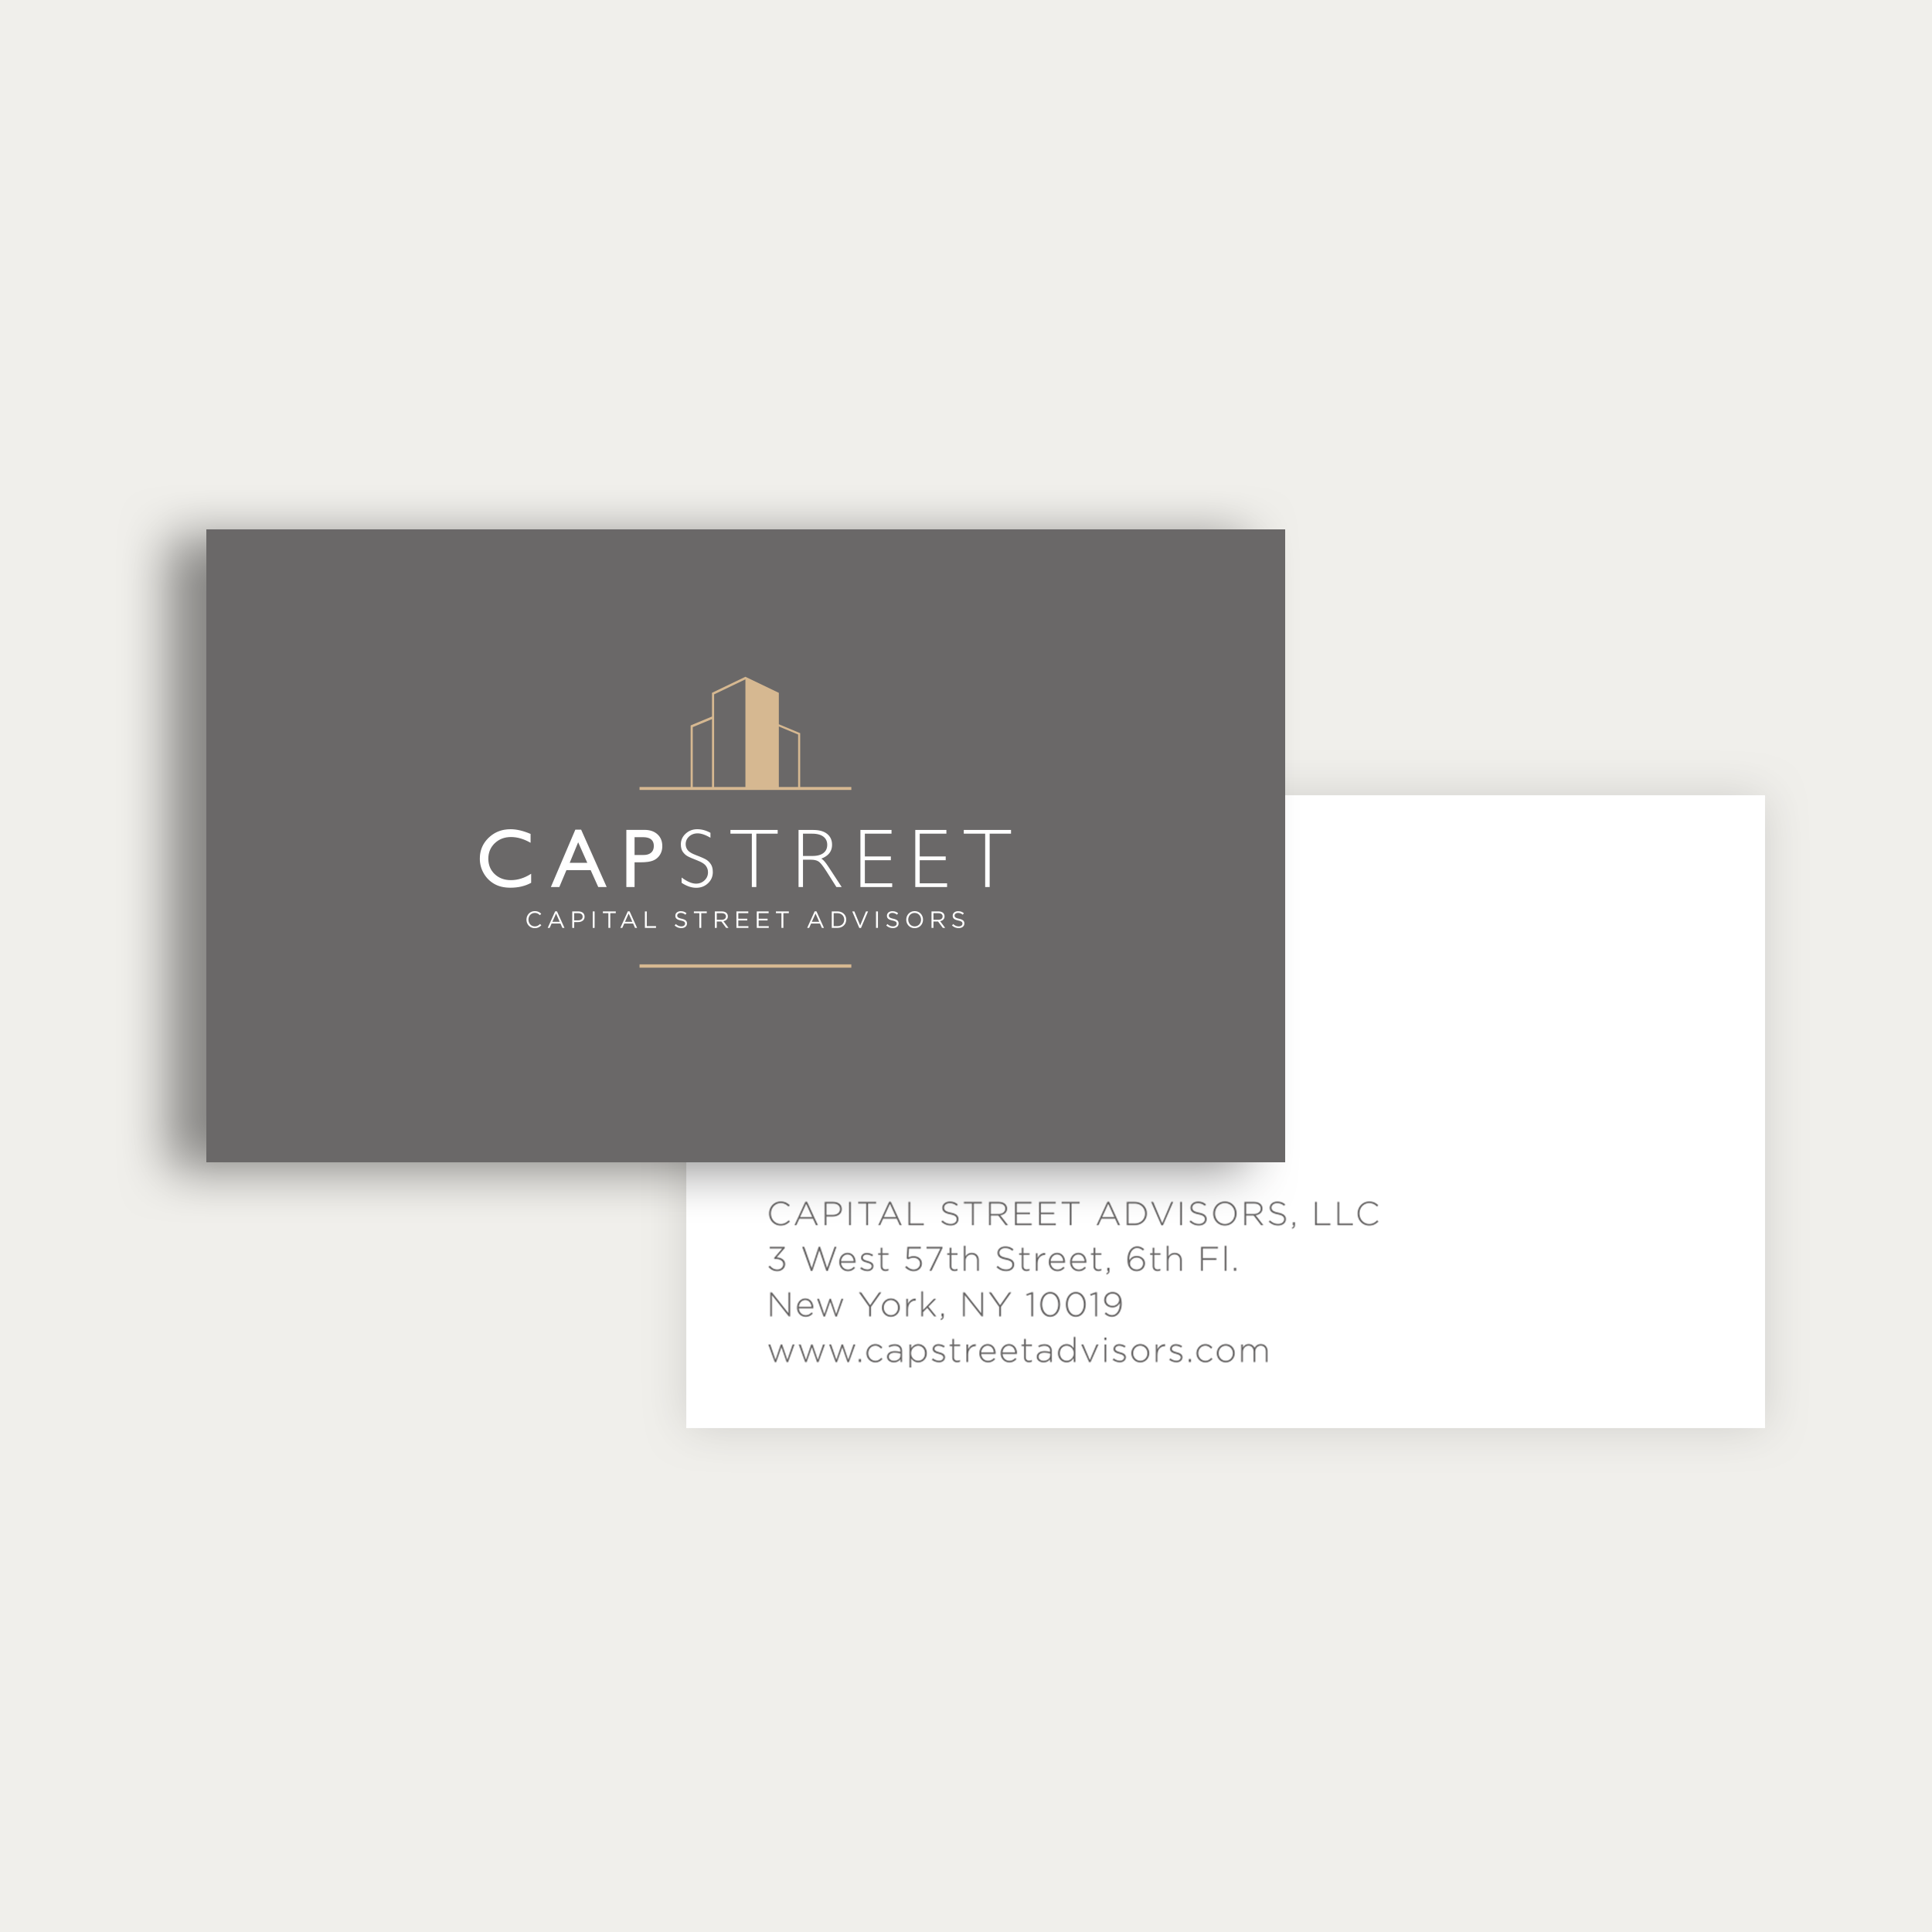 Business card design for Capital Street Advisors